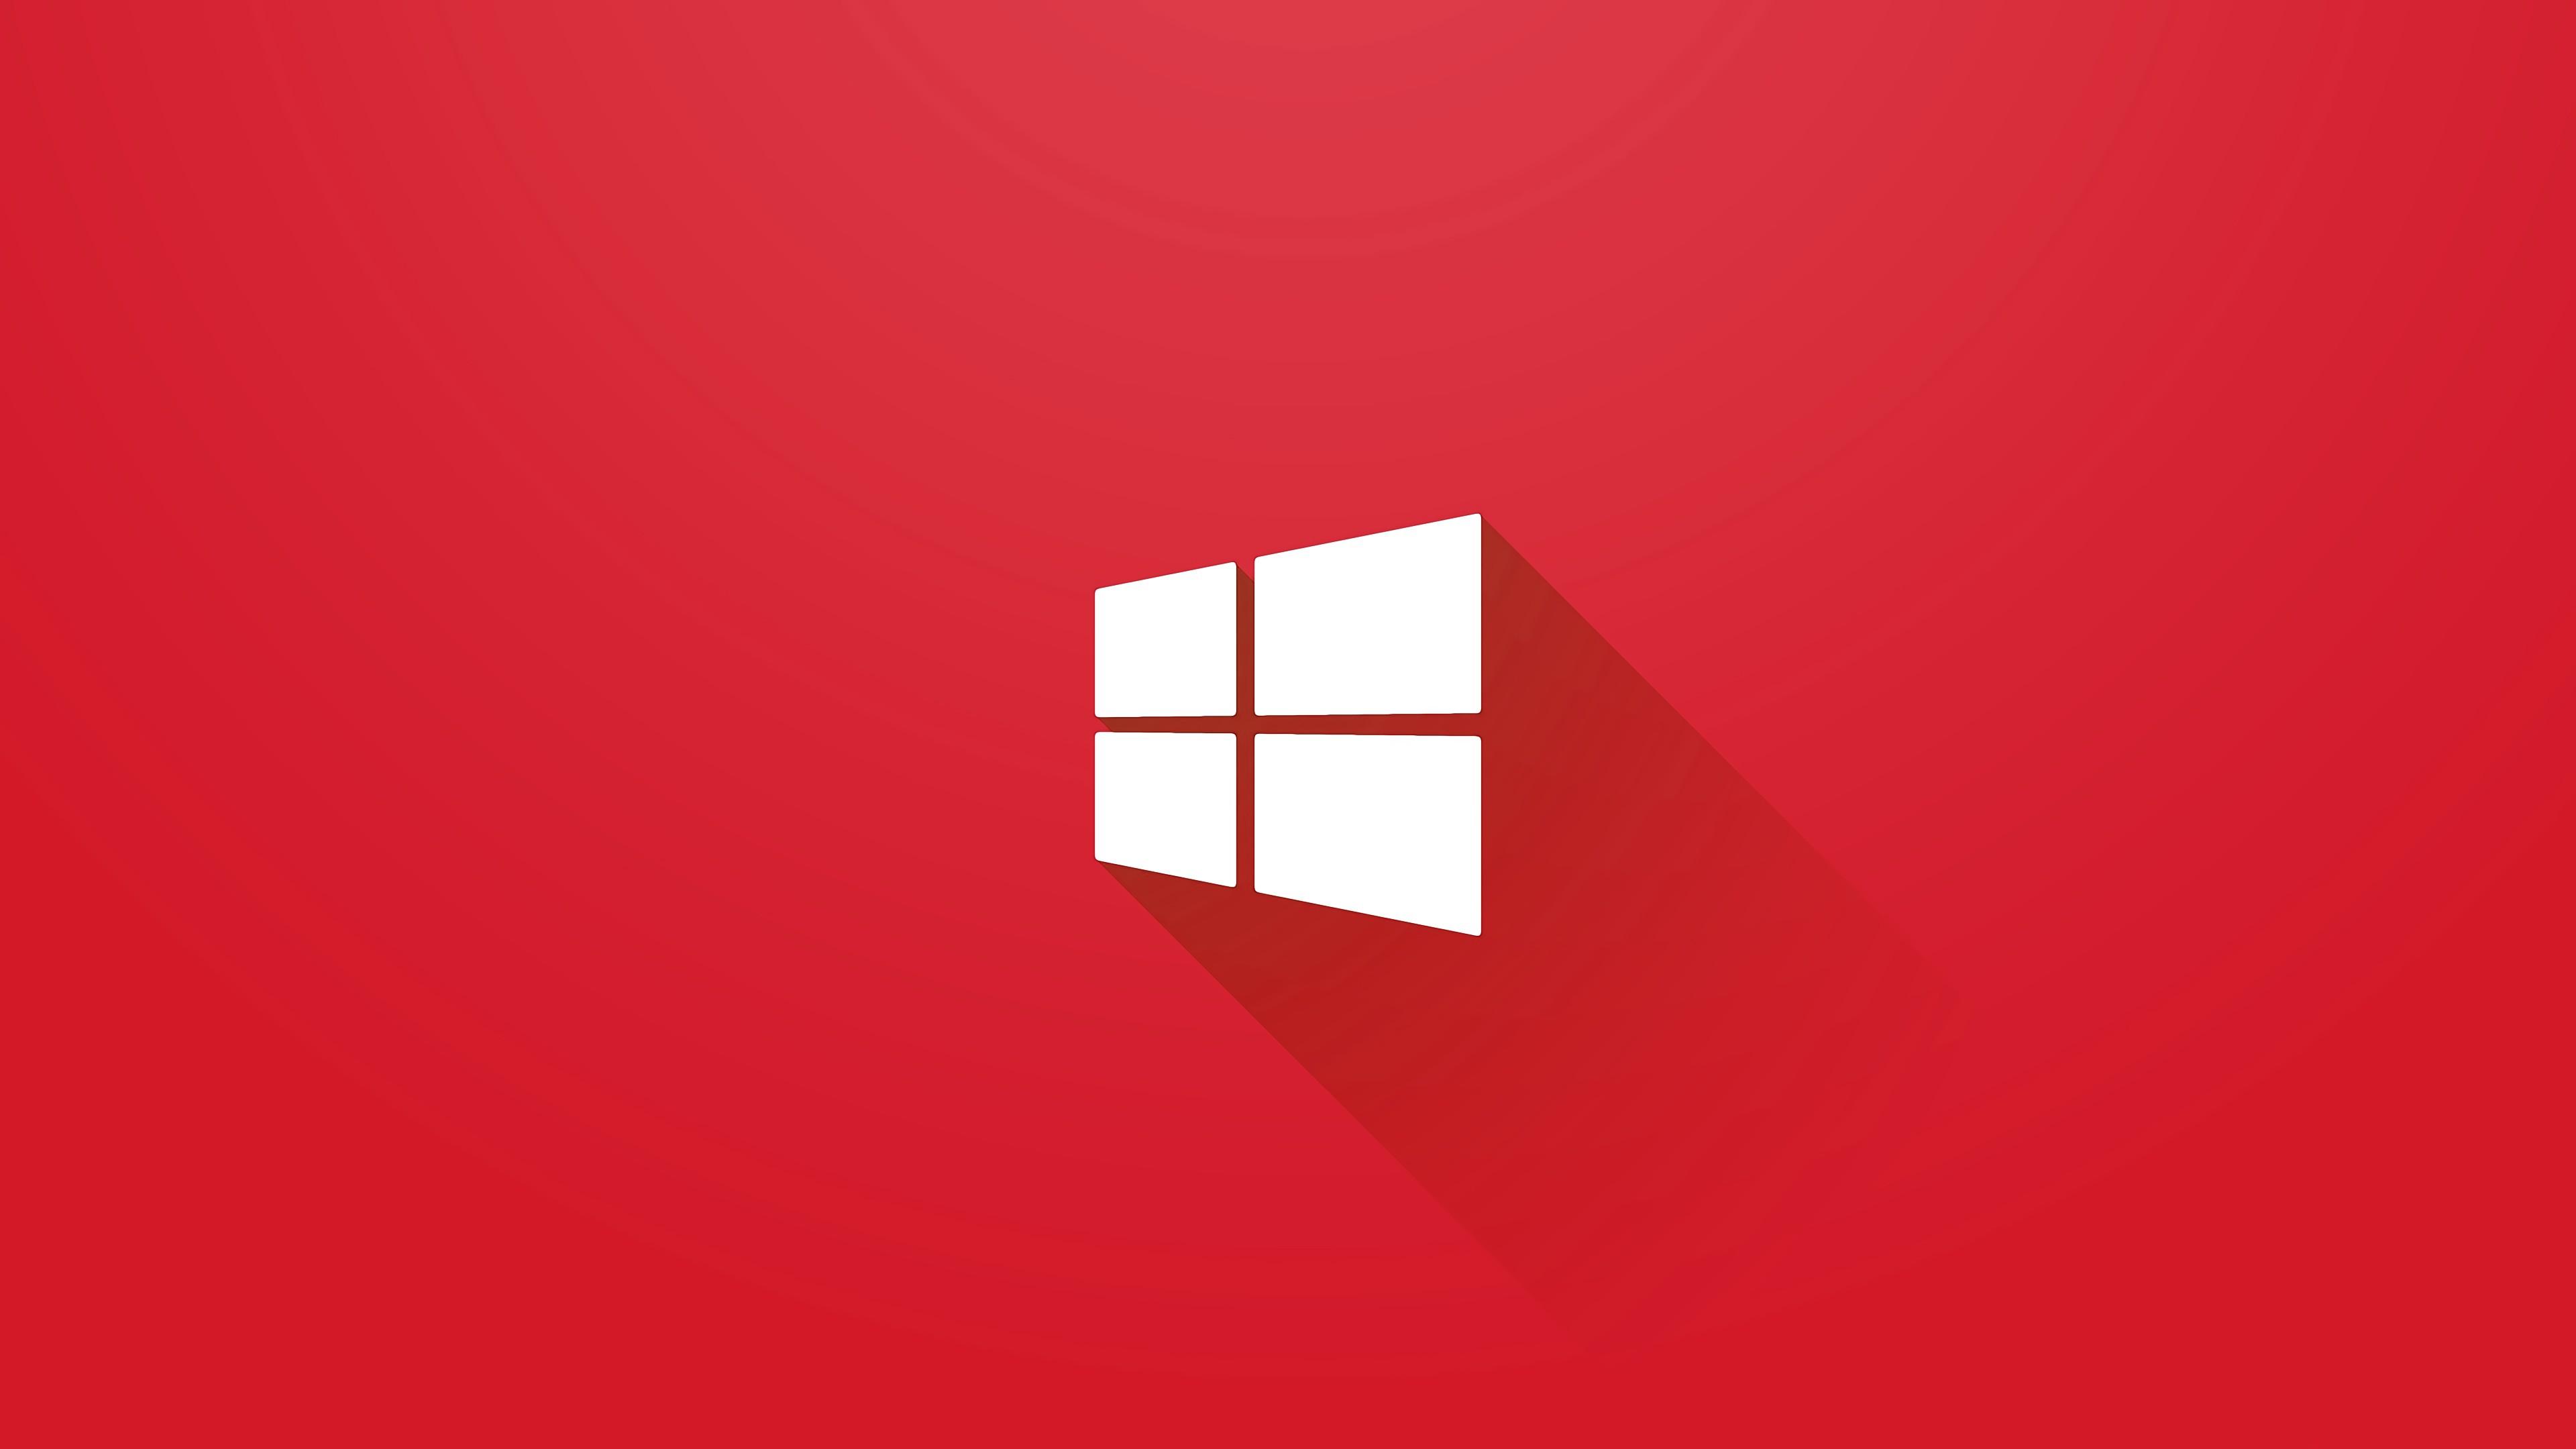 Sfondi Illustrazione Rosso Testo Logo Bandiera Triangolo